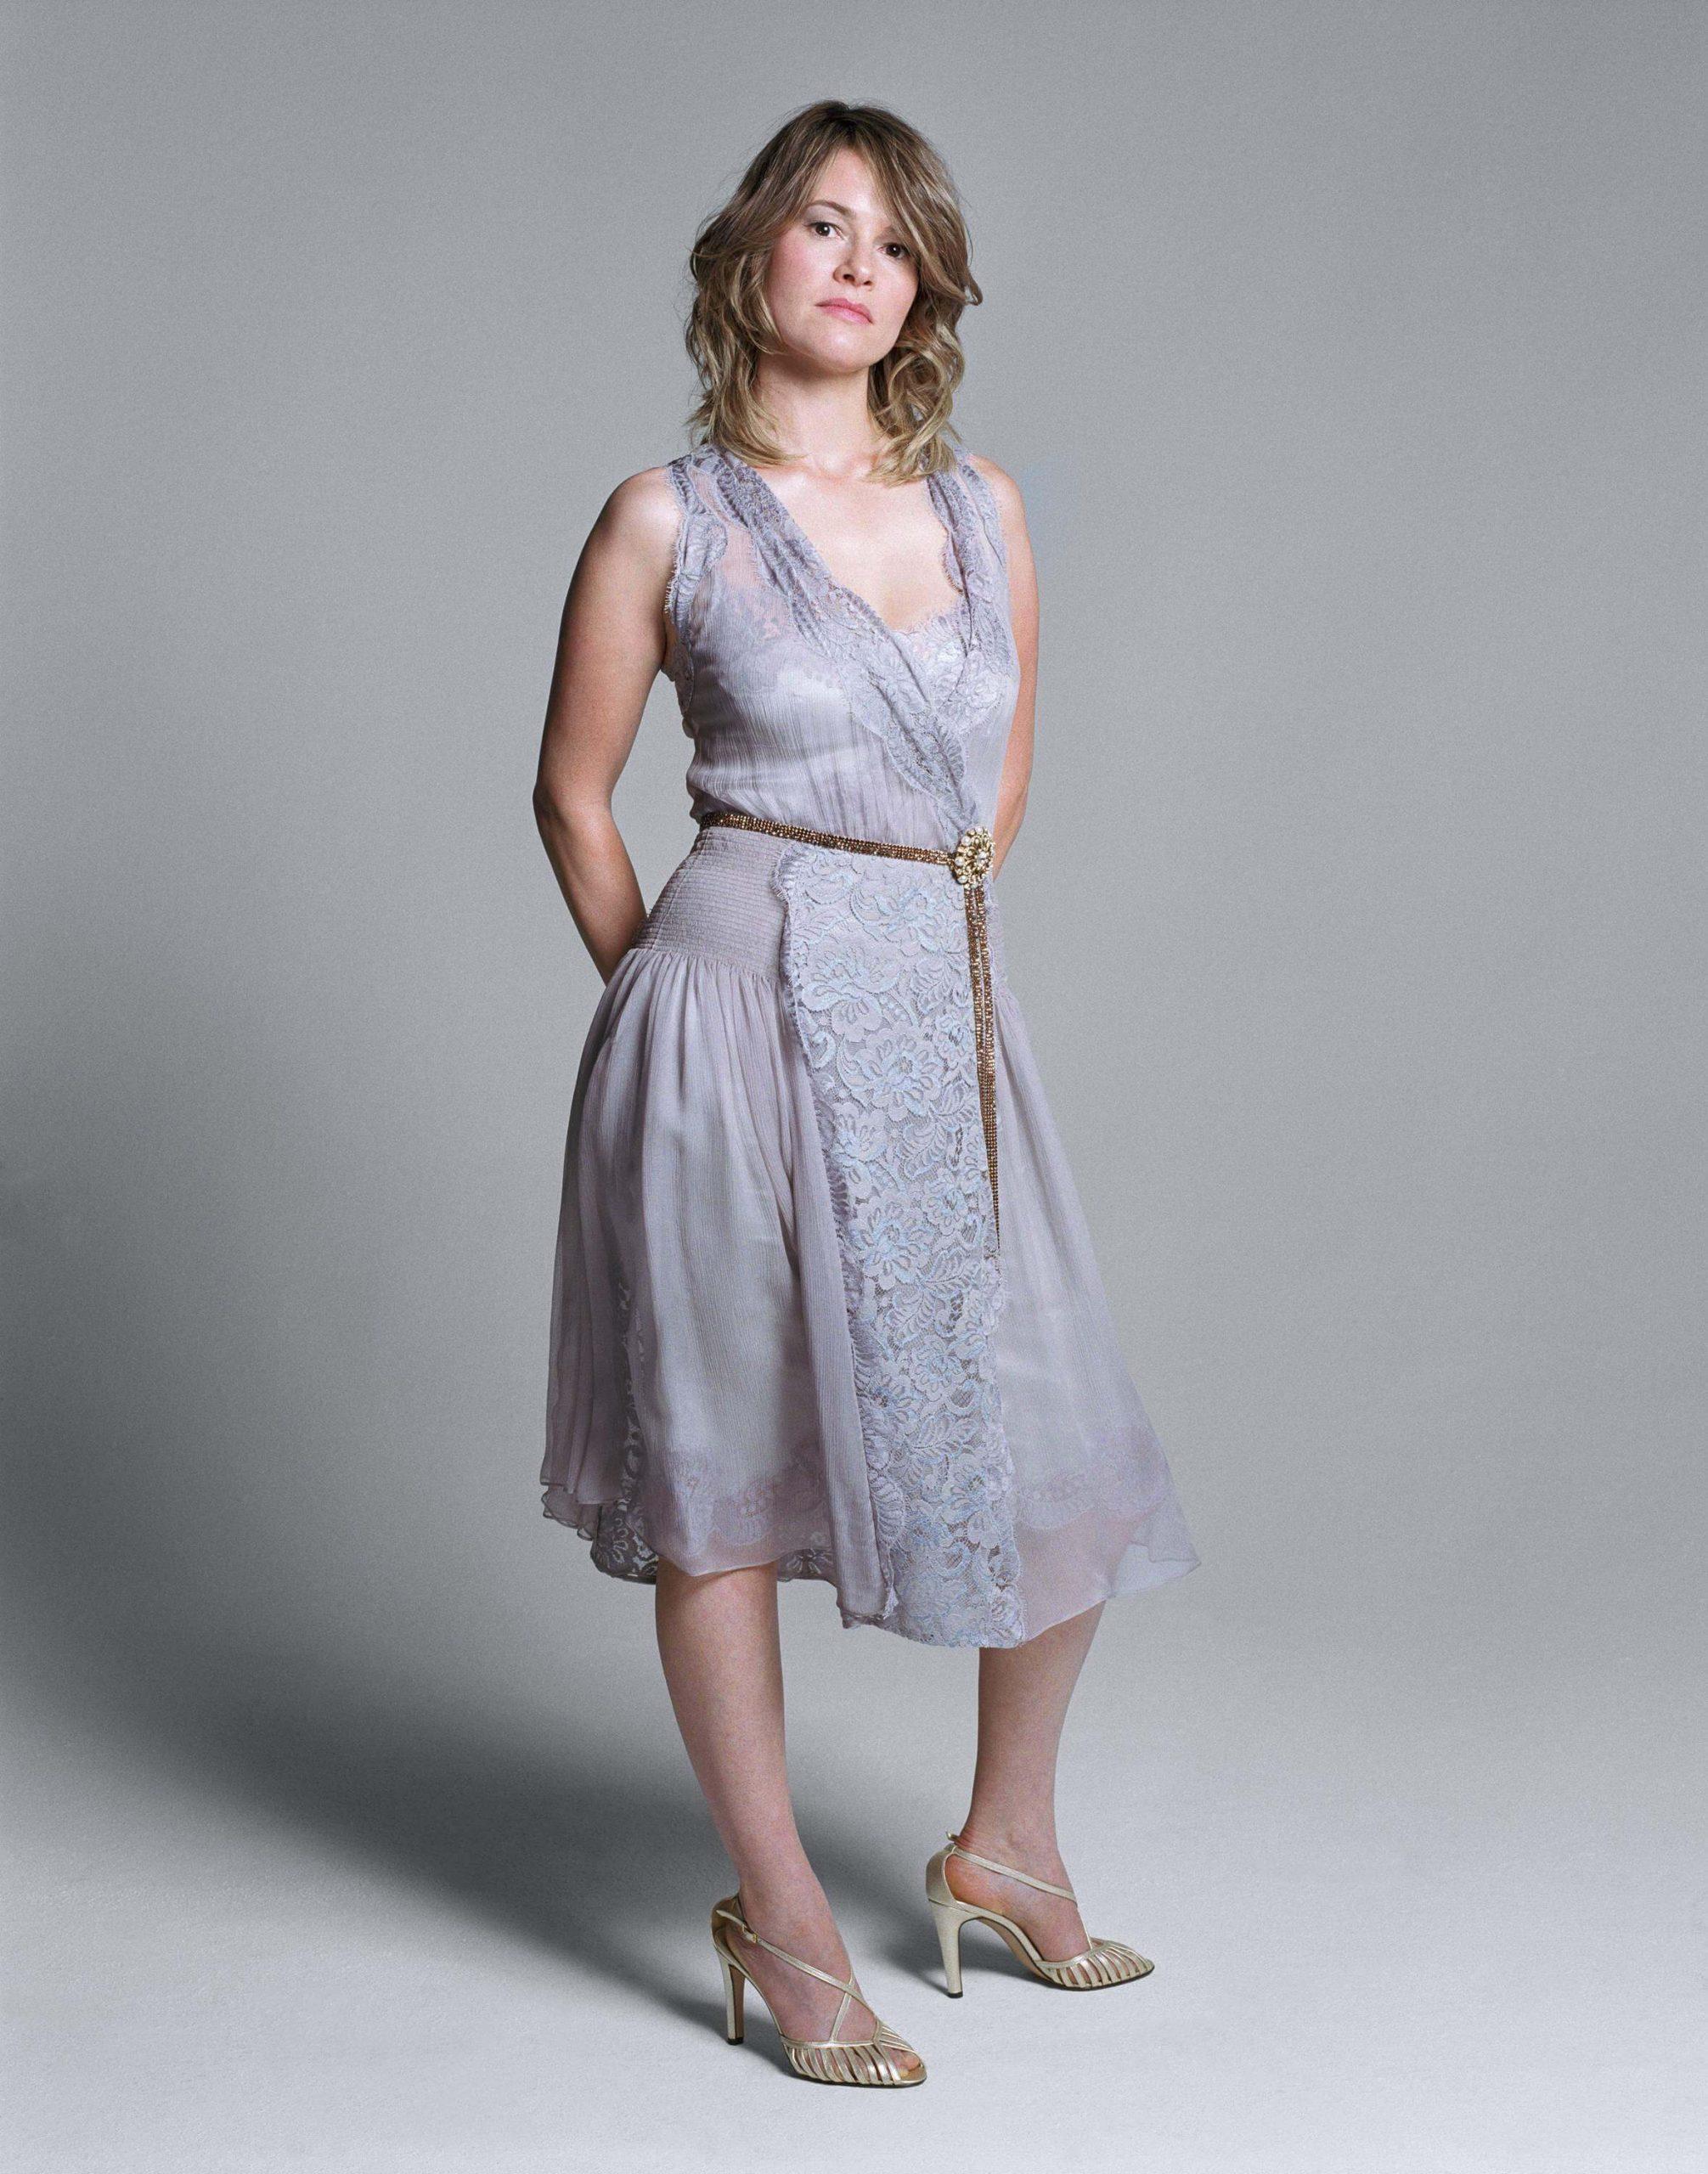 Leisha Hailey hot look pics